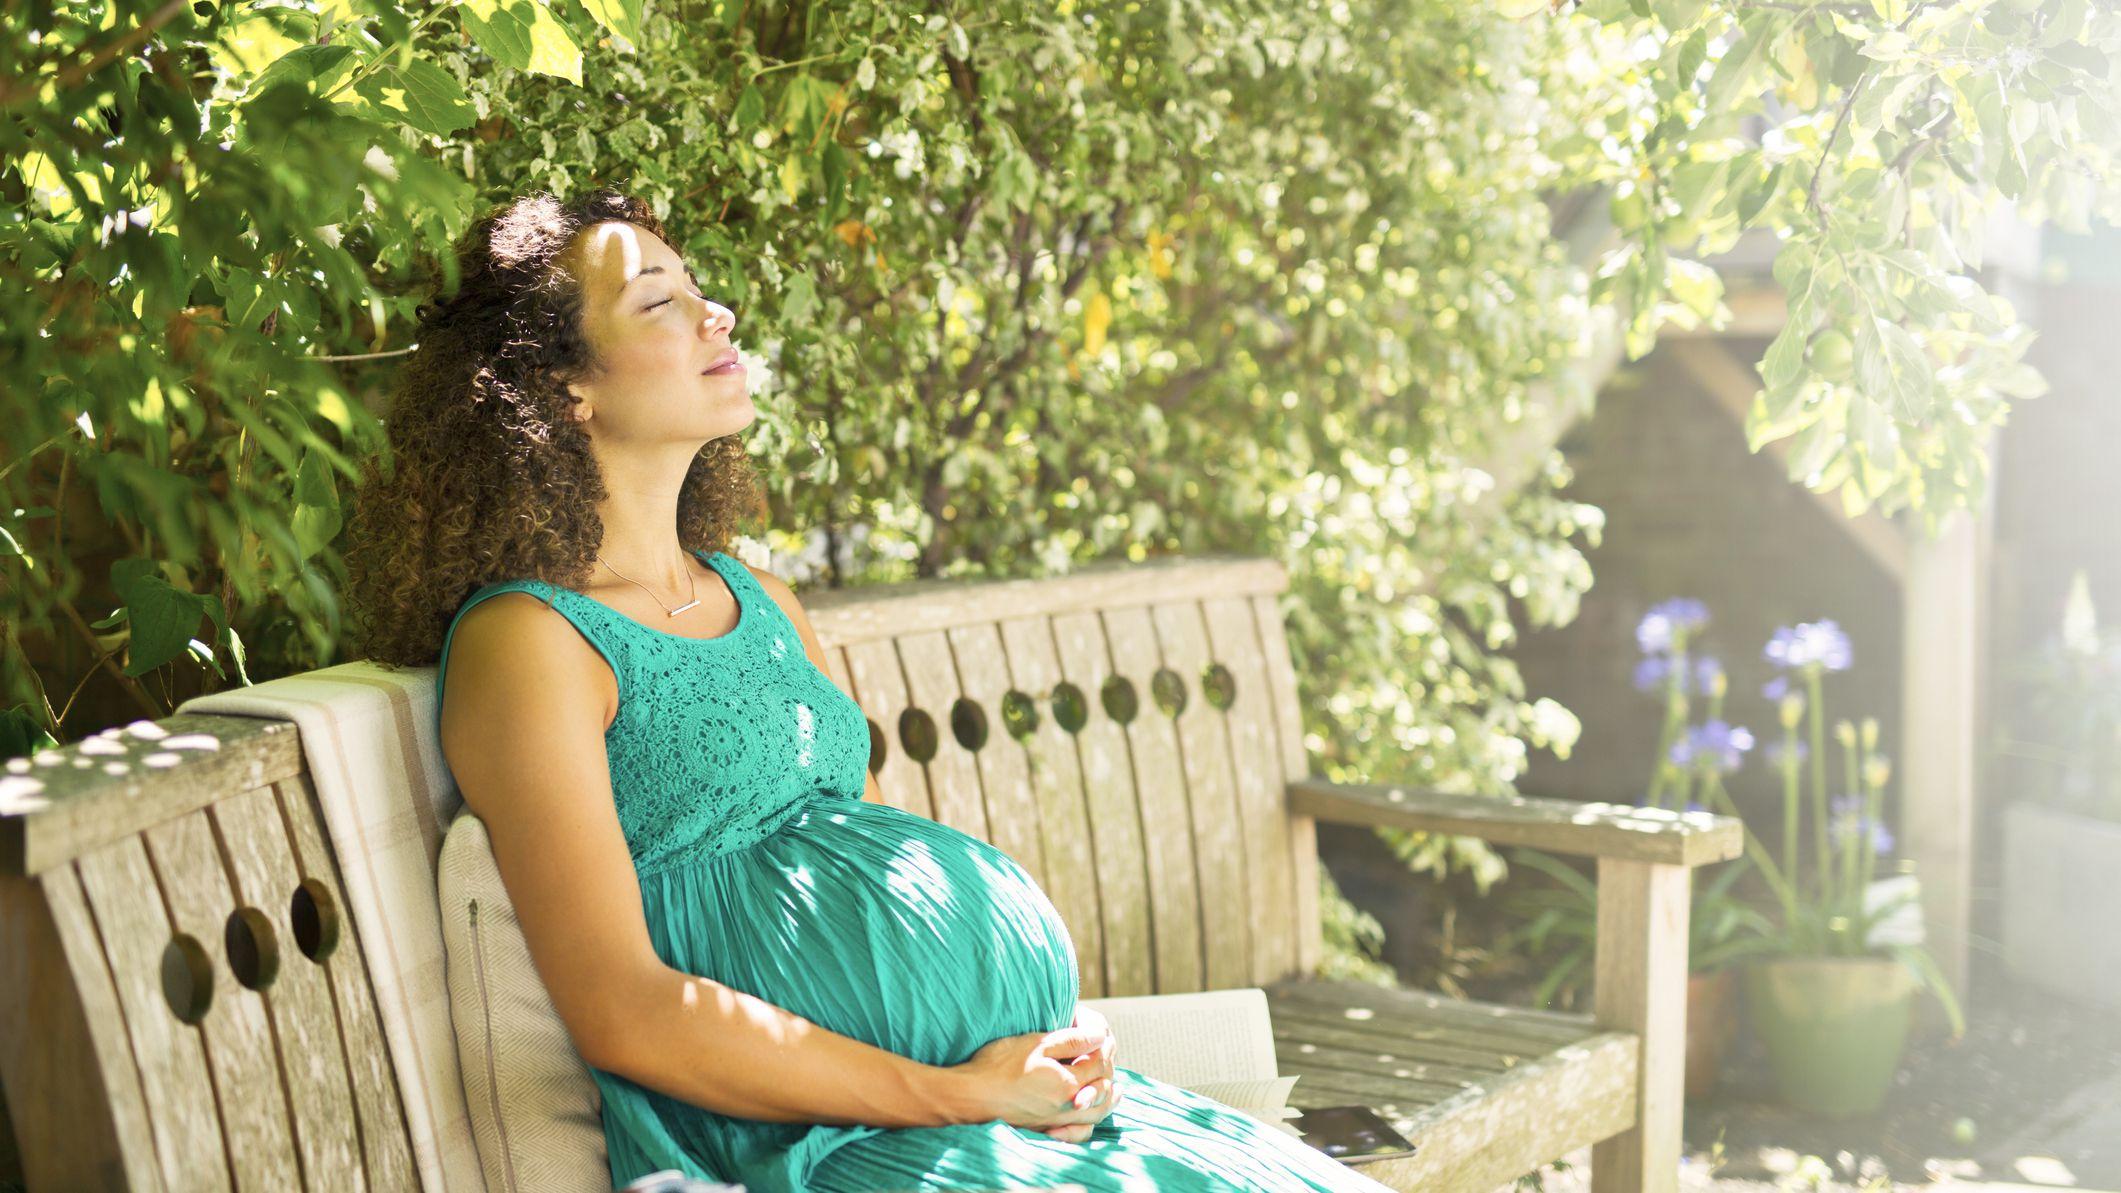 Ekspozimi ndaj diellit gjatë shtatzënisë ul rrezikun e lindjes së parakohshme